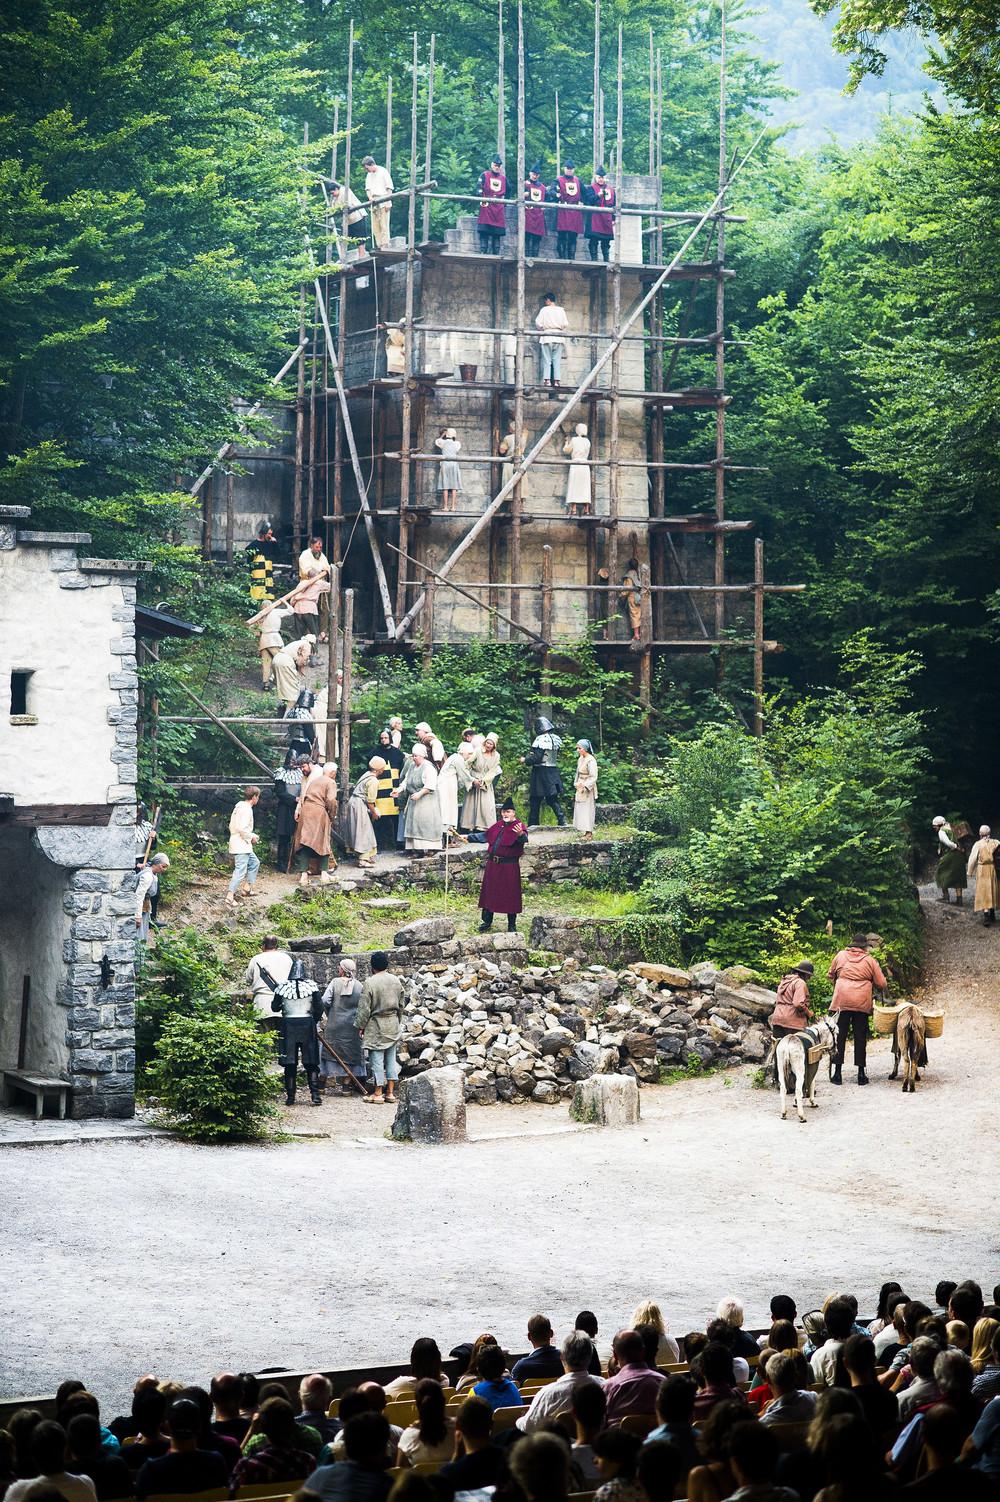 Sklaverei nach der Uebernahme des Dorfes bei den Tellspiele in Interlaken waehrend der Premiere am 28. Juni 2015.